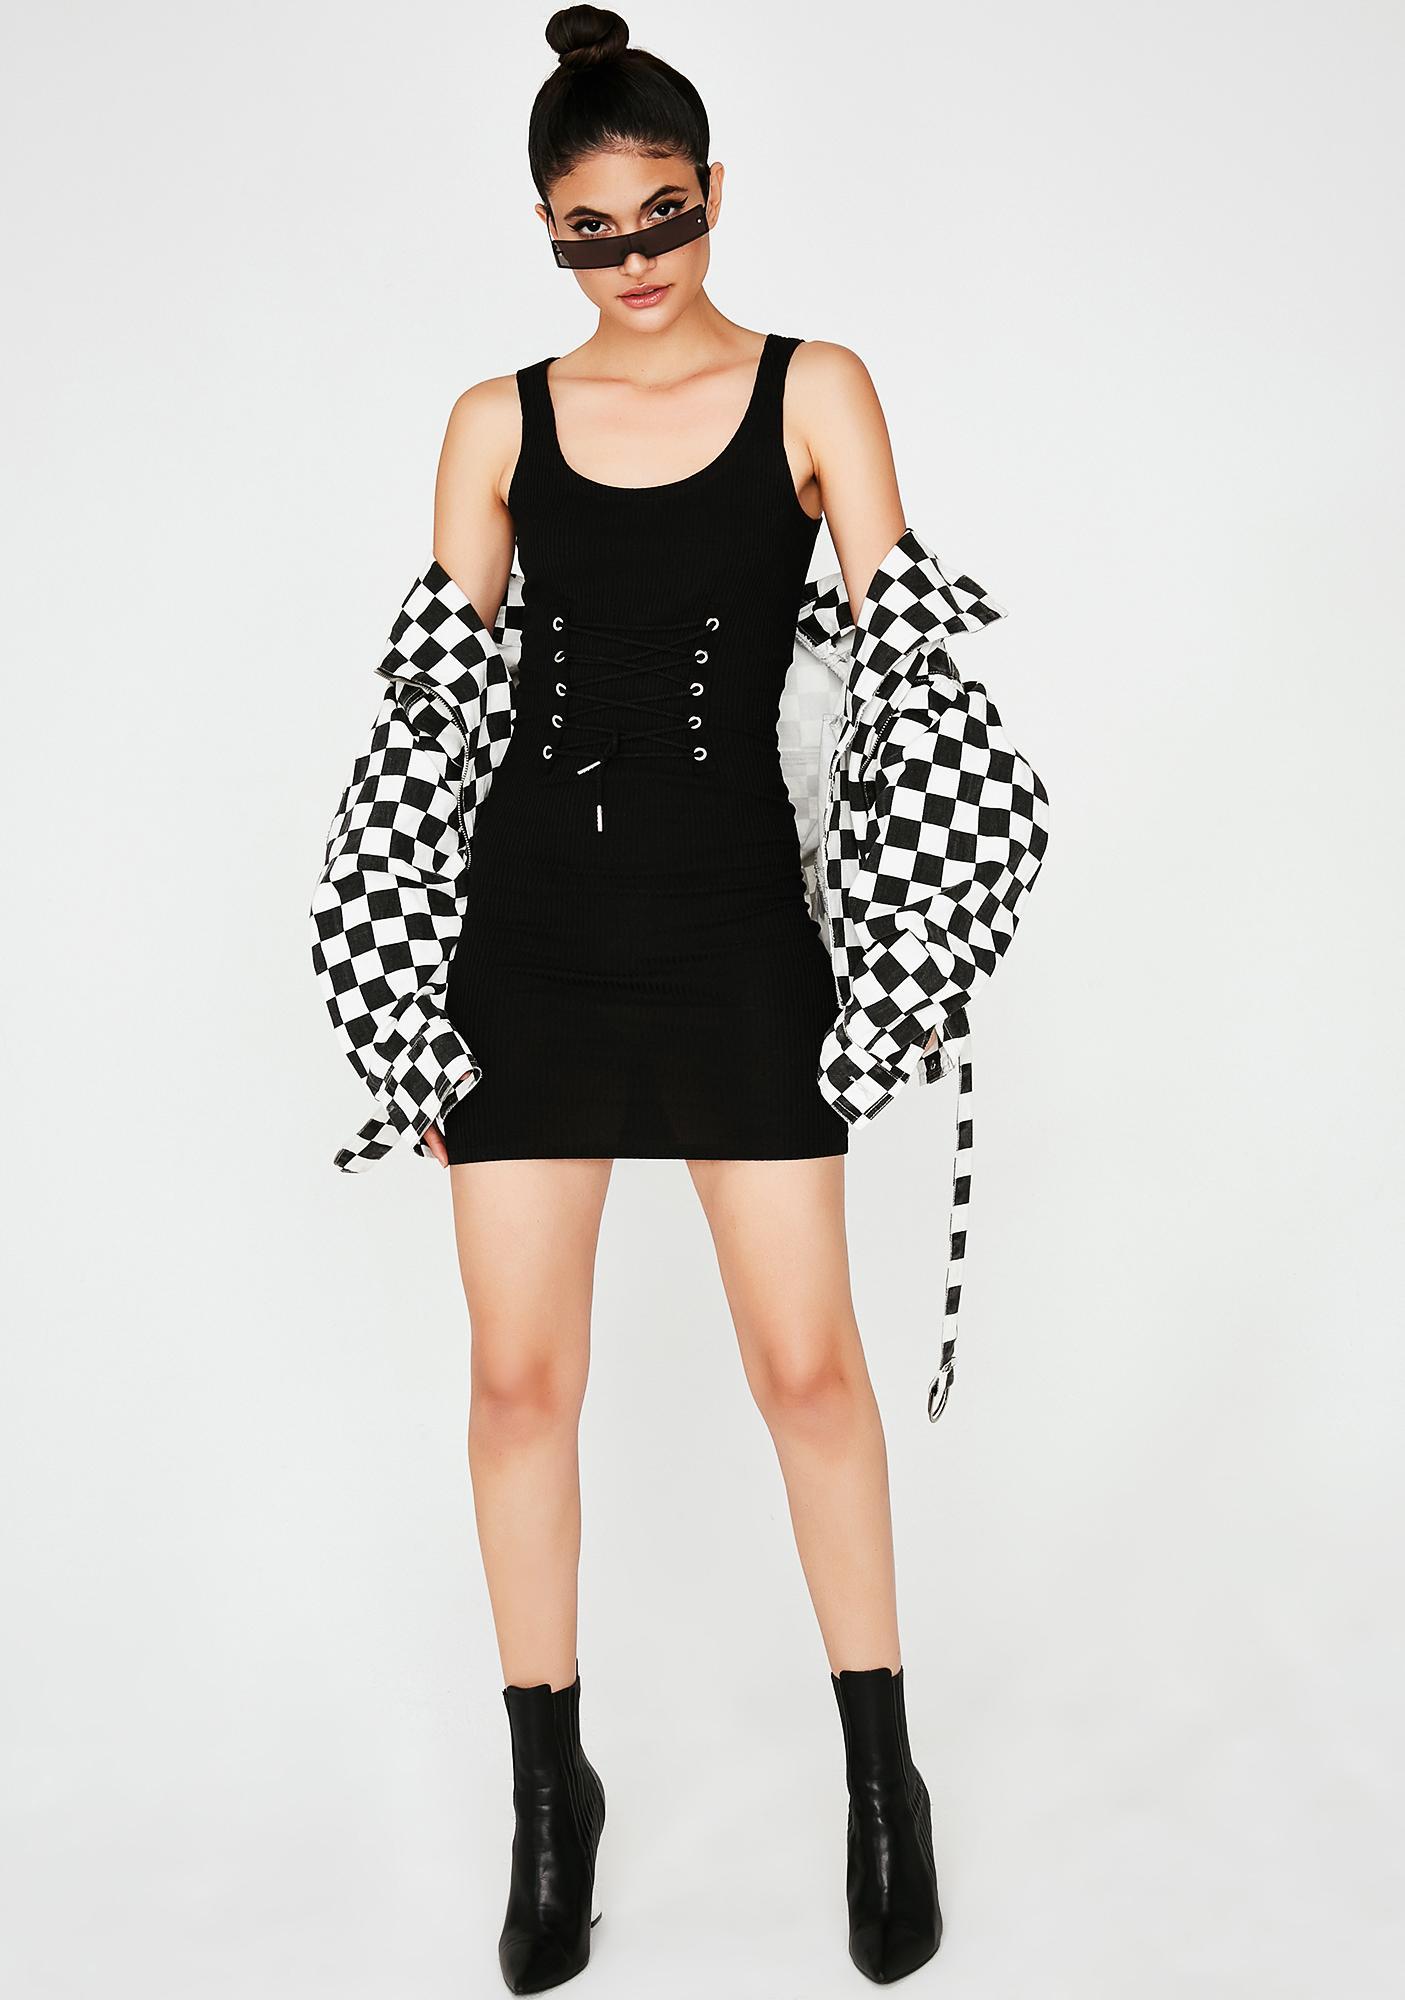 Onyx Doin' Me Corset Mini Dress